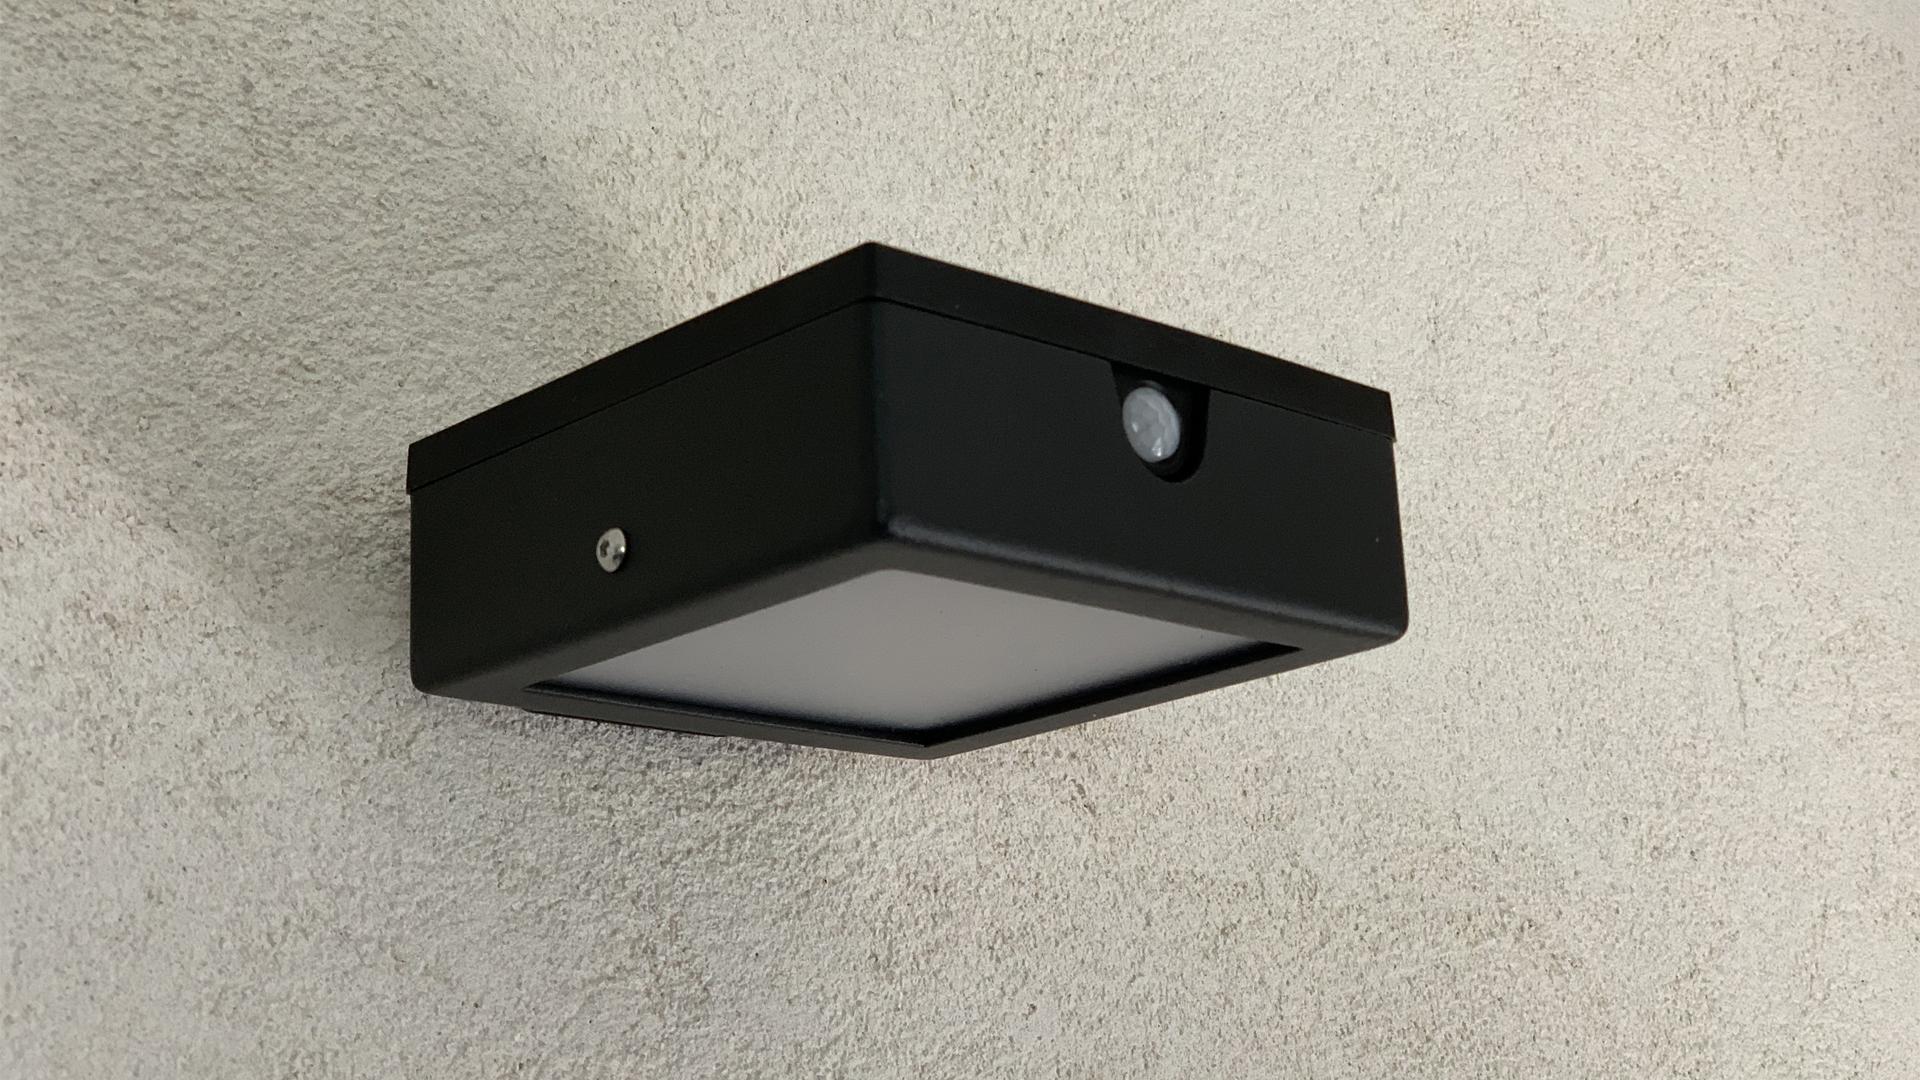 Cette applique murale solaire d'extérieur LYX Luminaires est fabriquée en acier, disponible en acier rouille Corten ou gris anthracite. L'applique extérieure murale APS 010 est une lampe autonome, applique murale équipée d'un capteur solaire performant. Nos appliques murales design sont idéales pour l'éclairage de piliers, l'éclairage de portail, l'éclairage de façade, l'éclairage d'entrée, l'éclairage de terrasses, l'éclairage de balcons. Luminaire solaire extérieur design pour un éclairage de qualité. / Lampe extérieure jardin pour un éclairage extérieur design. Version lampe solaire jardin ou lampe jardin LED. Cette lampe de jardin ou lampe terrasse est une lampe de jardin avec détecteur. Fabriquée en acier, la lampe jardin détecteur permet un éclairage solaire ou un éclairage LED puissant selon le modèle choisi. Découvrez la collection de luminaires extérieurs constituée de lampes solaires et lampes LED. Vaste collection d'appliques extérieures / appliques murales : applique murale extérieure solaire, applique murale LED, applique extérieure design. Les appliques extérieures murales sont de fabrication française. Lampe solaire idéale pour l'éclairage de terrasses, de jardin. Lampe solaire terrasse, lampe extérieure terrasse permettant un éclairage performant. La lampe extérieure est équipée d'un détecteur de présence. Le luminaire extérieur doté d'un détecteur de mouvement, éclaire au passage d'une personne d'une voiture. Lampe extérieure détecteur puissante et efficace, au design épuré et moderne. Cette applique extérieure fait partie de la vaste collection d'appliques murales extérieures composée d'appliques murales LED et appliques murales solaires. Lampe murale LED fabriquée en acier comme toutes nos lampes murales (lampe murale LED et lampe solaire murale). Cette lampe murale extérieure diffuse un éclairage puissant. C'est une applique murale design équipée d'un détecteur de présence / lampe détecteur pour jardin, terrasses, allées. Nos appliques extérieure